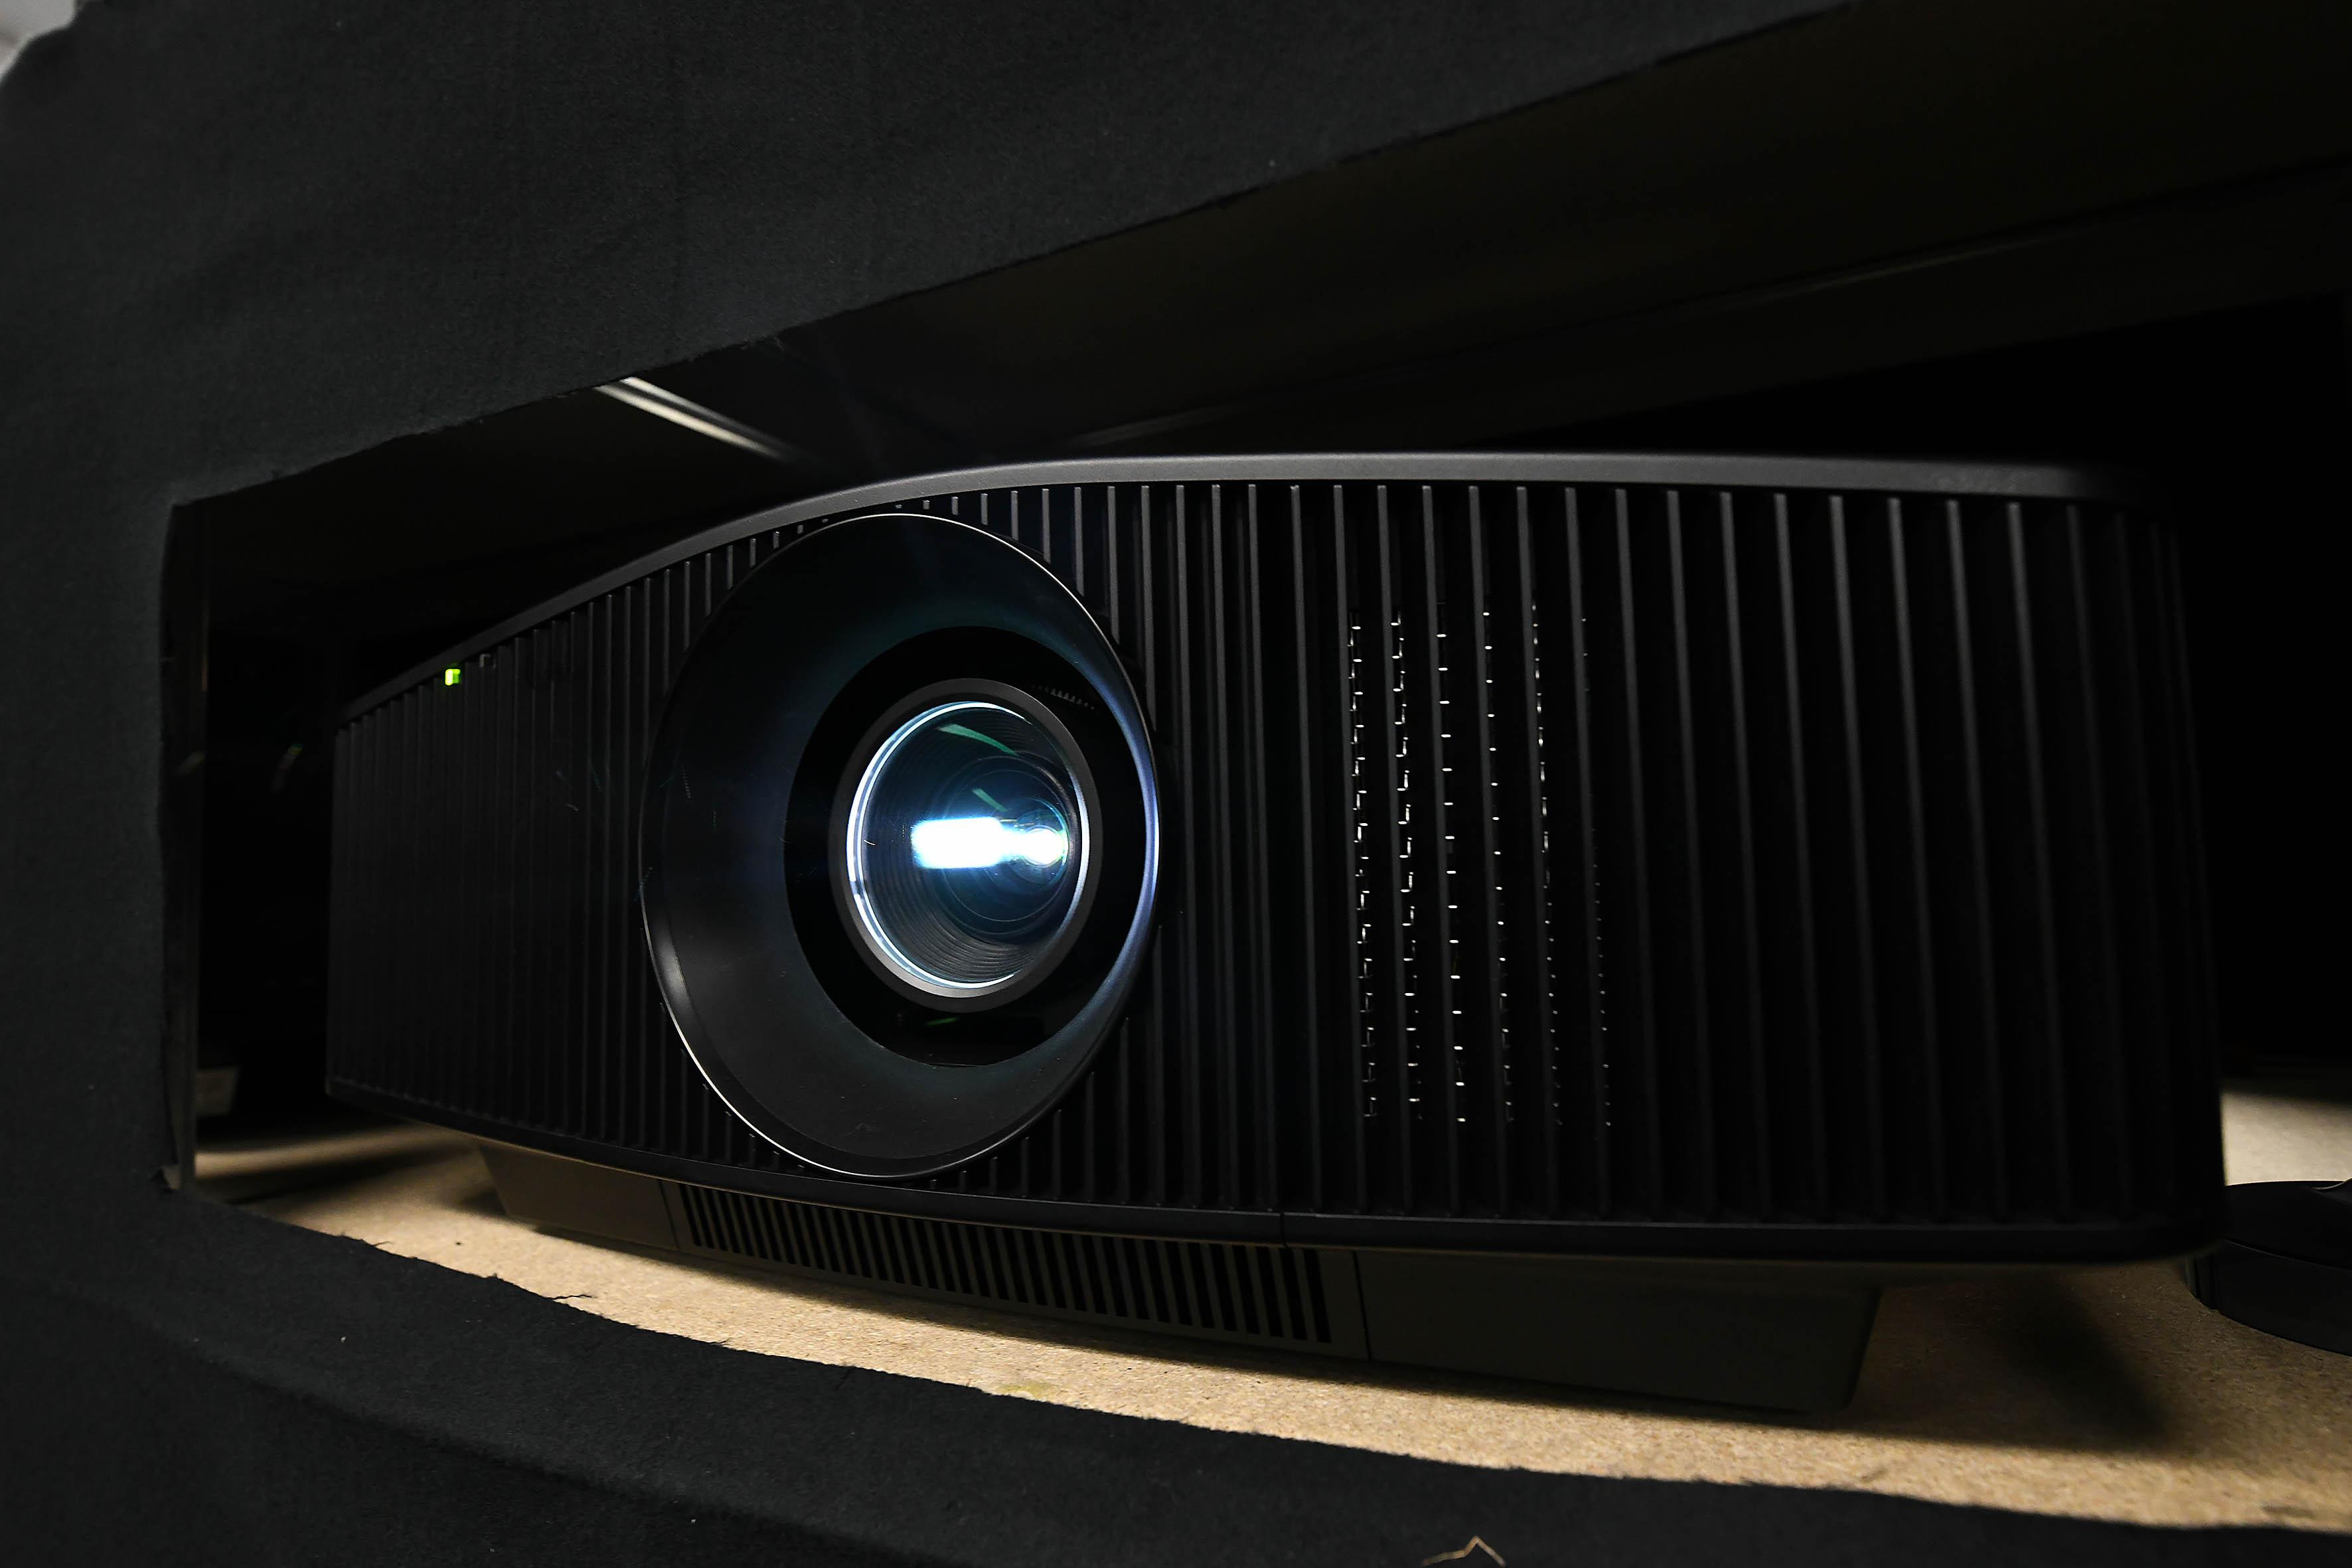 Foto: Michael B. Rehders Sony VPL-VW870 für 25.000,- Euro